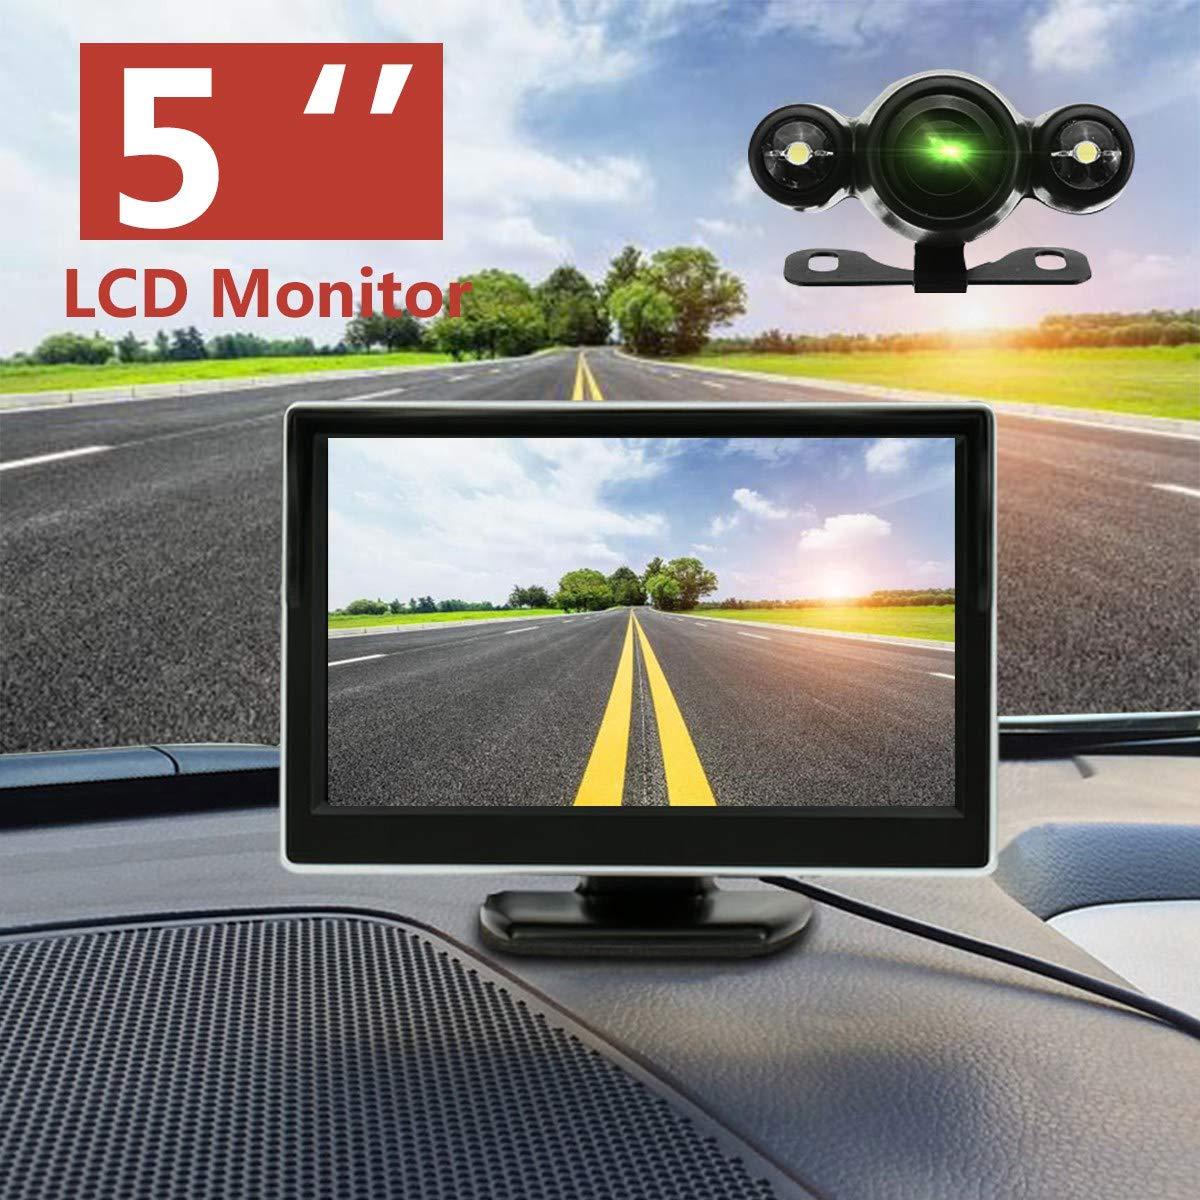 TOOGOO 5 Pouces 720P Stationnement sans Fil Cam/éRa de Recul Moniteur LCD 2 en 1 Moniteur de Voiture TFT HD 170 Degr/éS /éTanche Cam/éRa de Recul